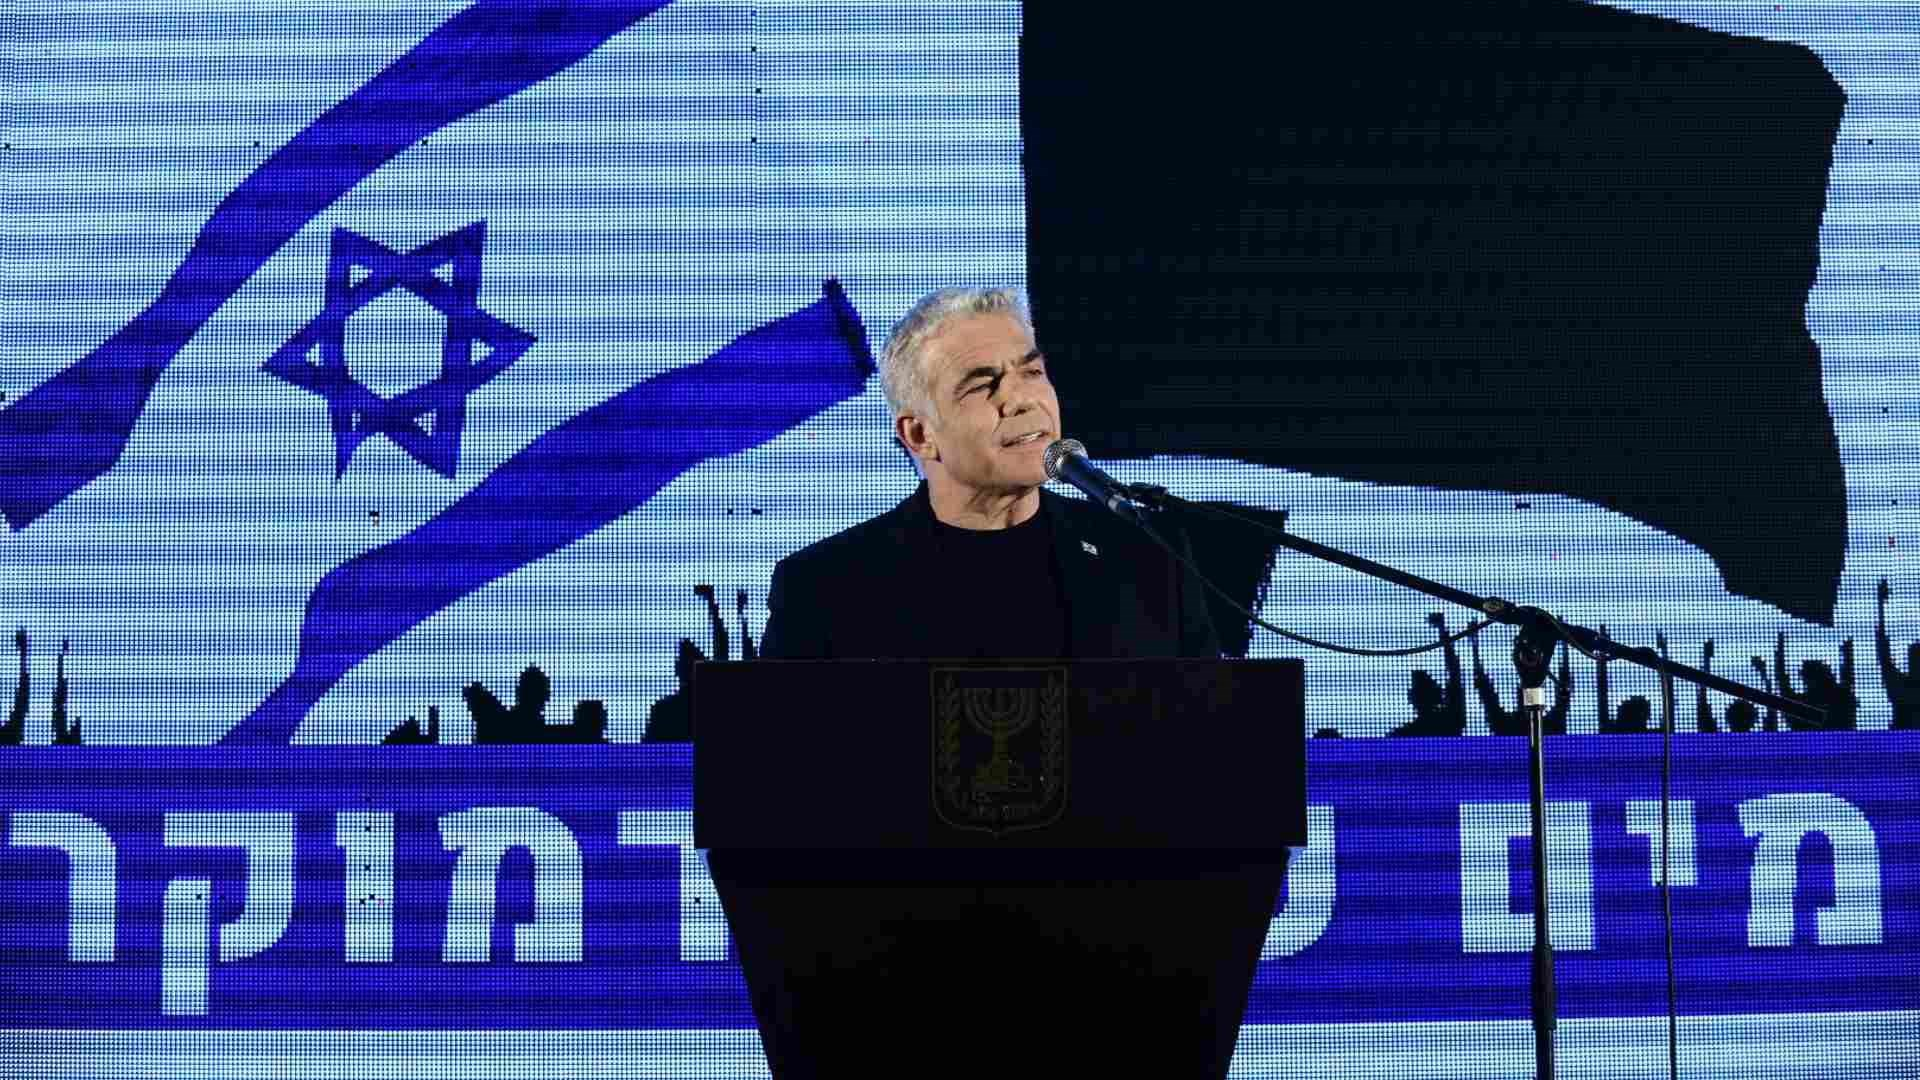 رئيس المعارضة الإسرائيلية يائير لابيد: نتنياهو يعيش حالة هستيريا بسبب المظاهرات